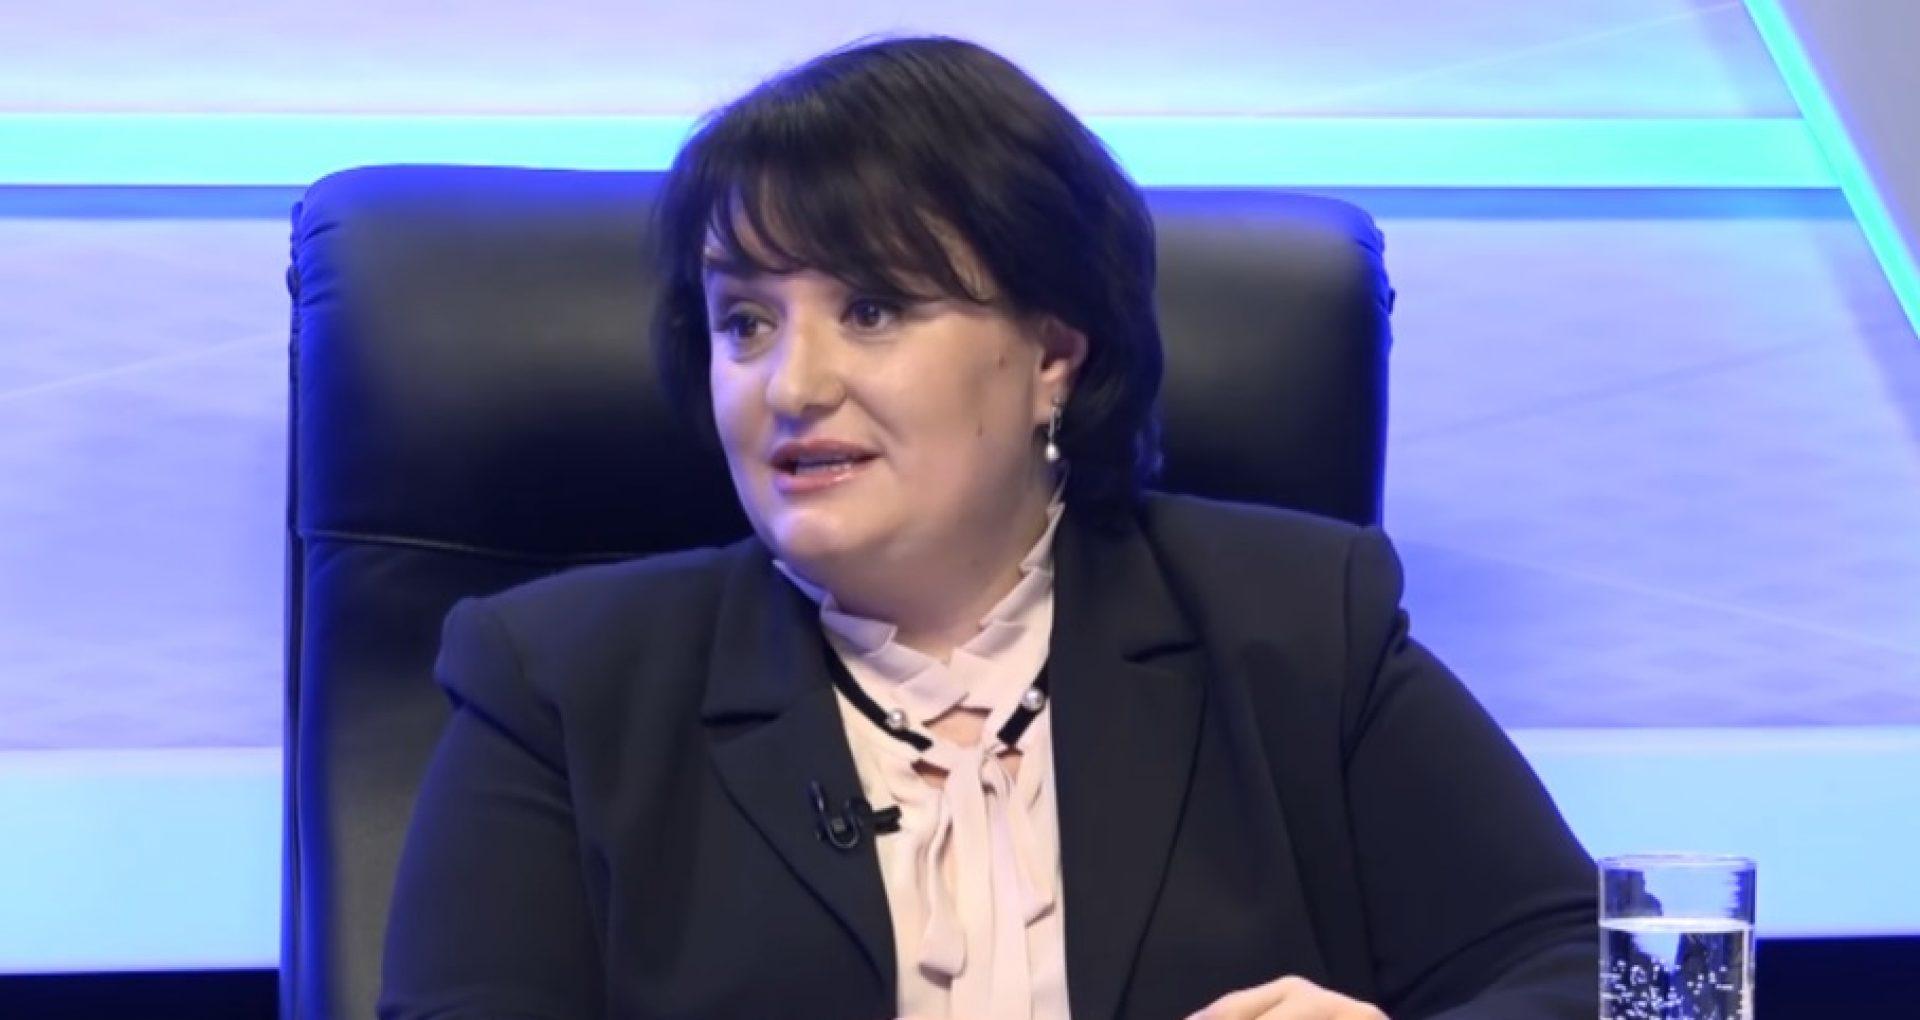 """Fosta ministră a Sănătății în Guvernul Chicu susține că COVID-19 nu vă dispărea nici până în 2023: """"Purtarea măștilor și păstrarea distanței vor trebui, în continuare, să fie respectate"""""""